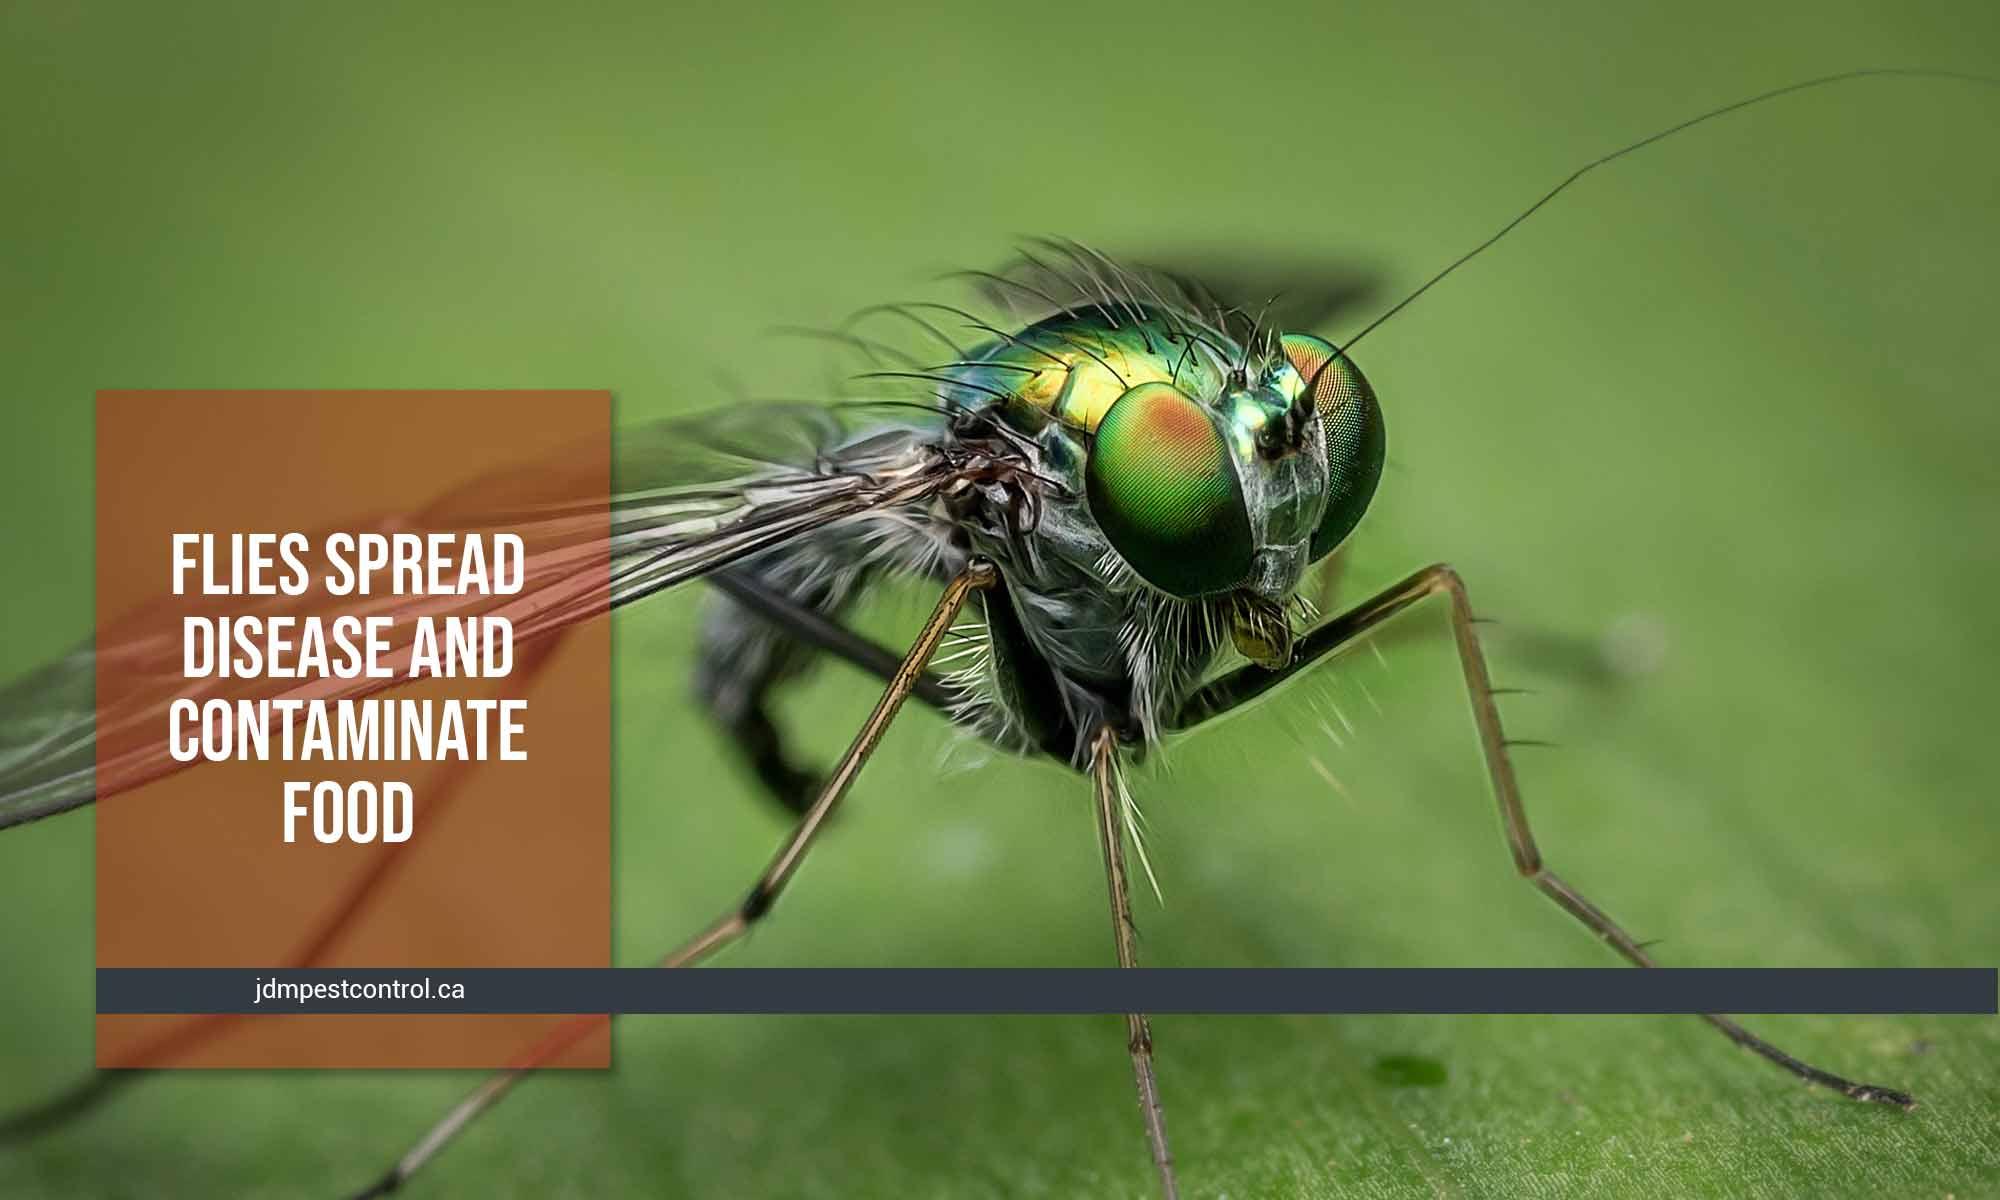 flies spread disease